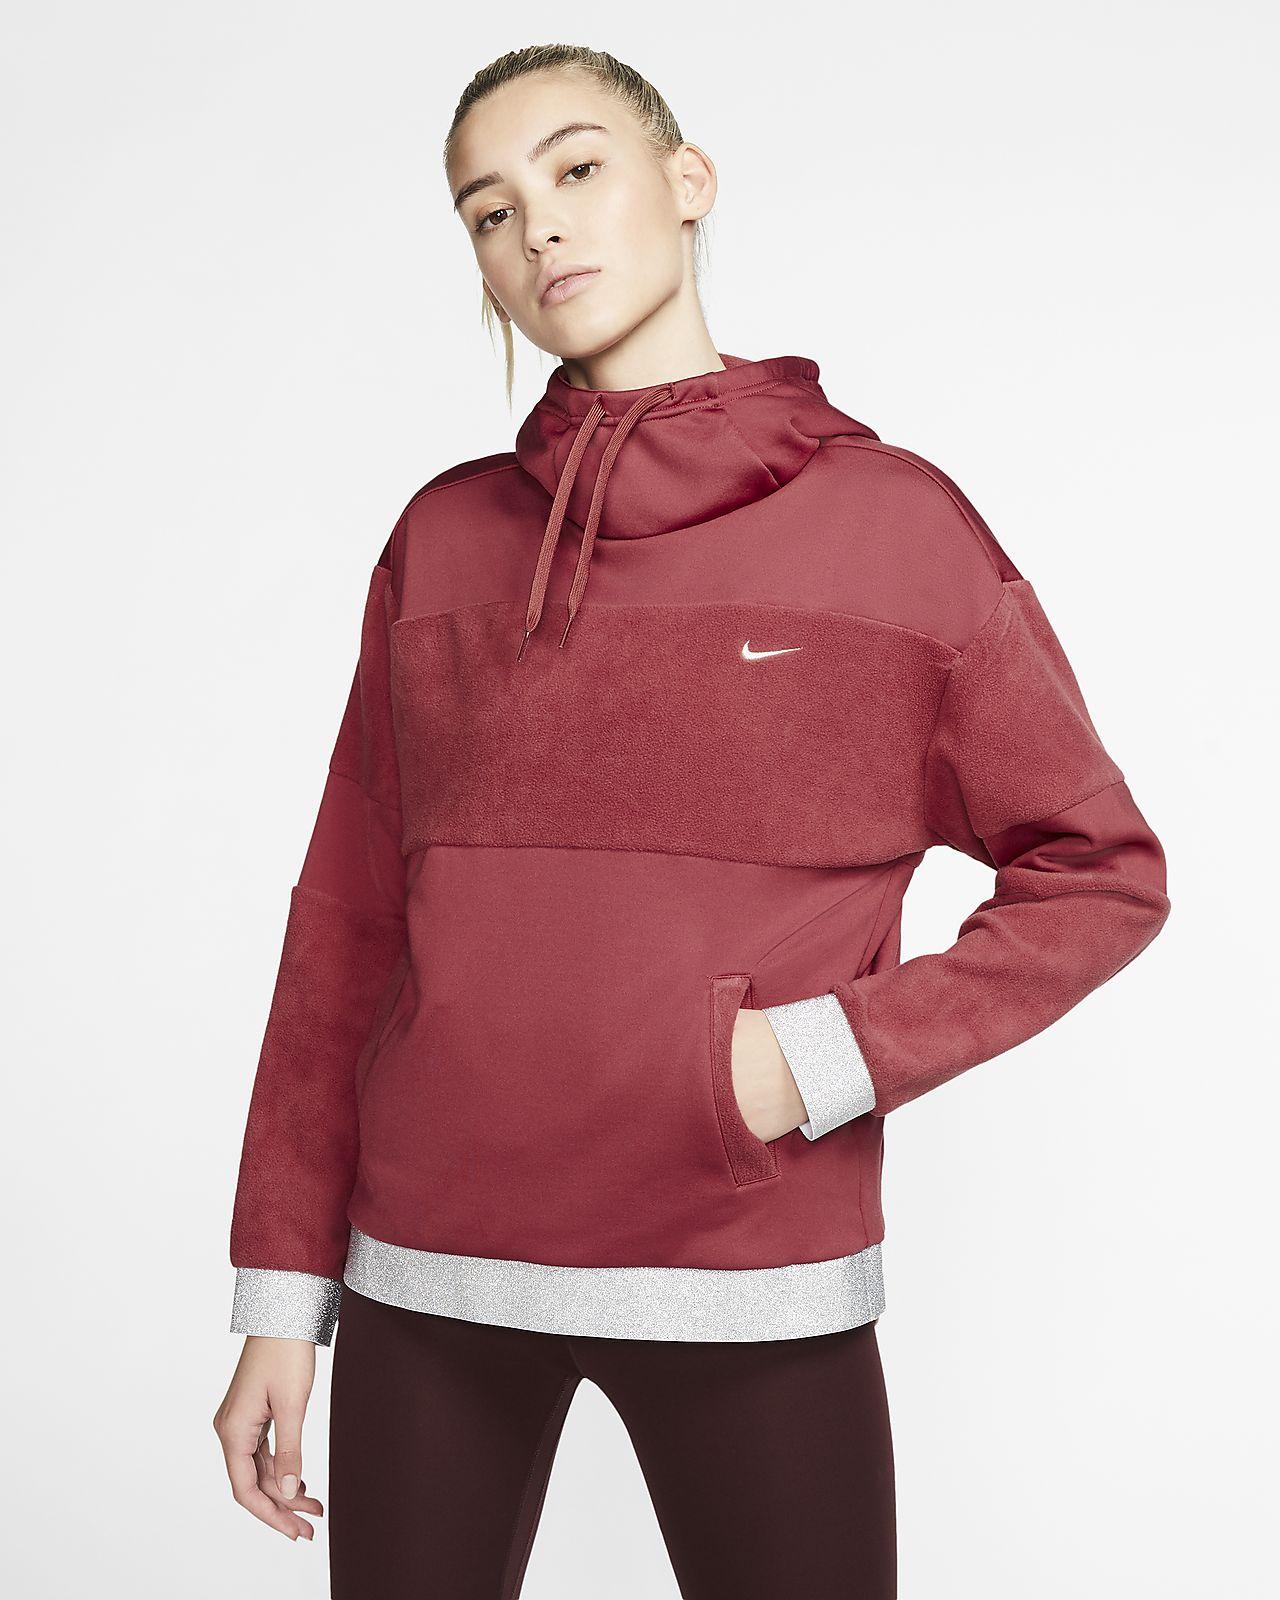 Γυναικεία φλις μπλούζα προπόνησης με κουκούλα Nike Icon Clash